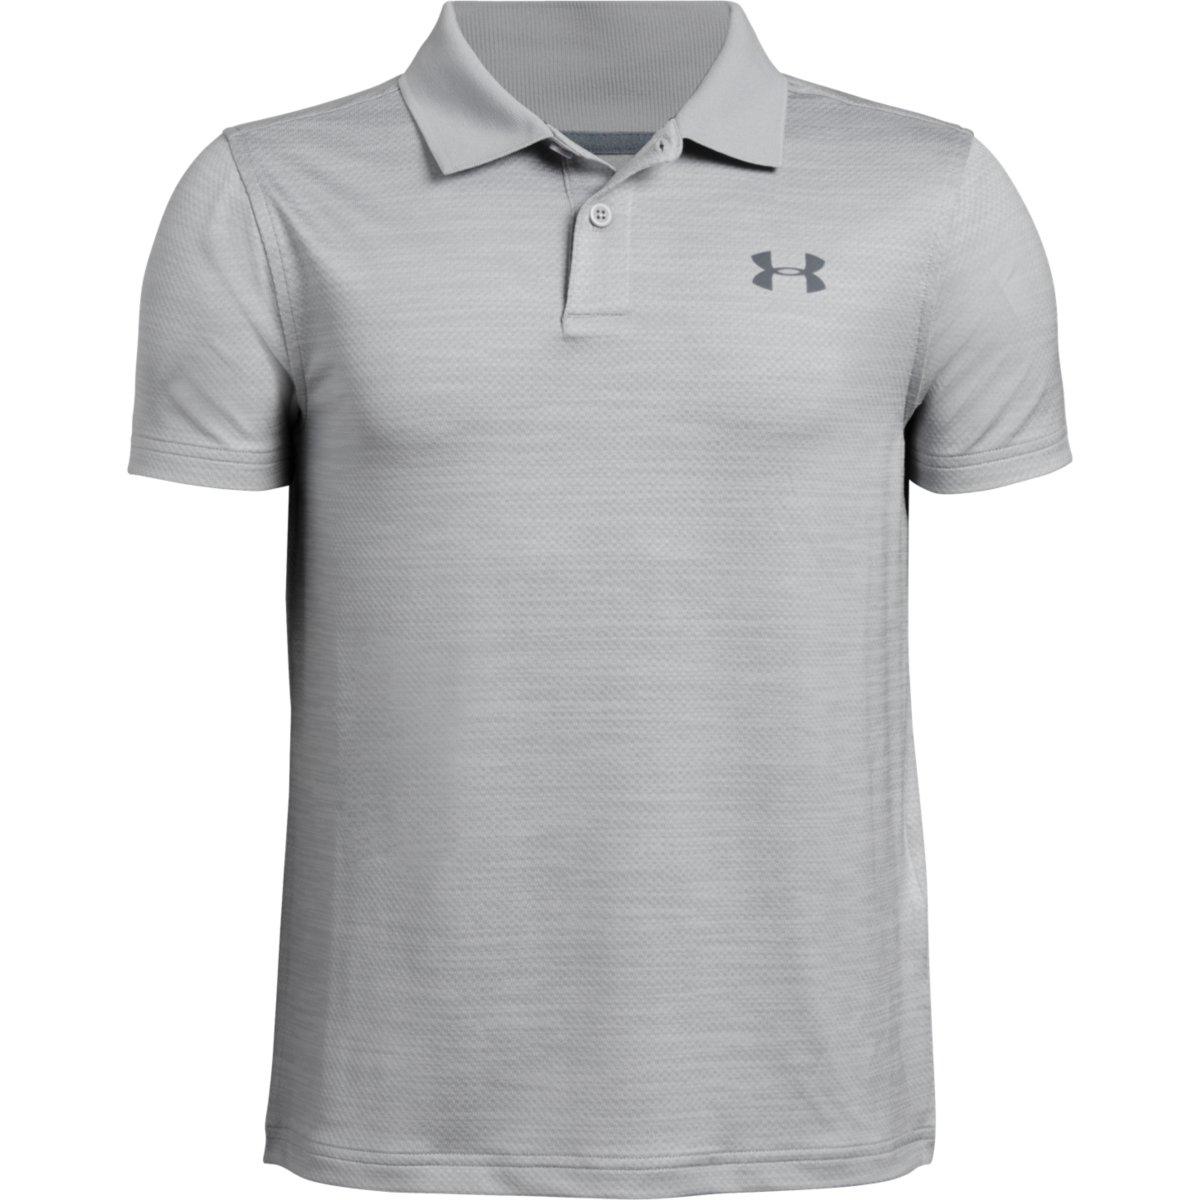 Under Armour Boys' Performance Short-Sleeve Polo Shirt - Black, M